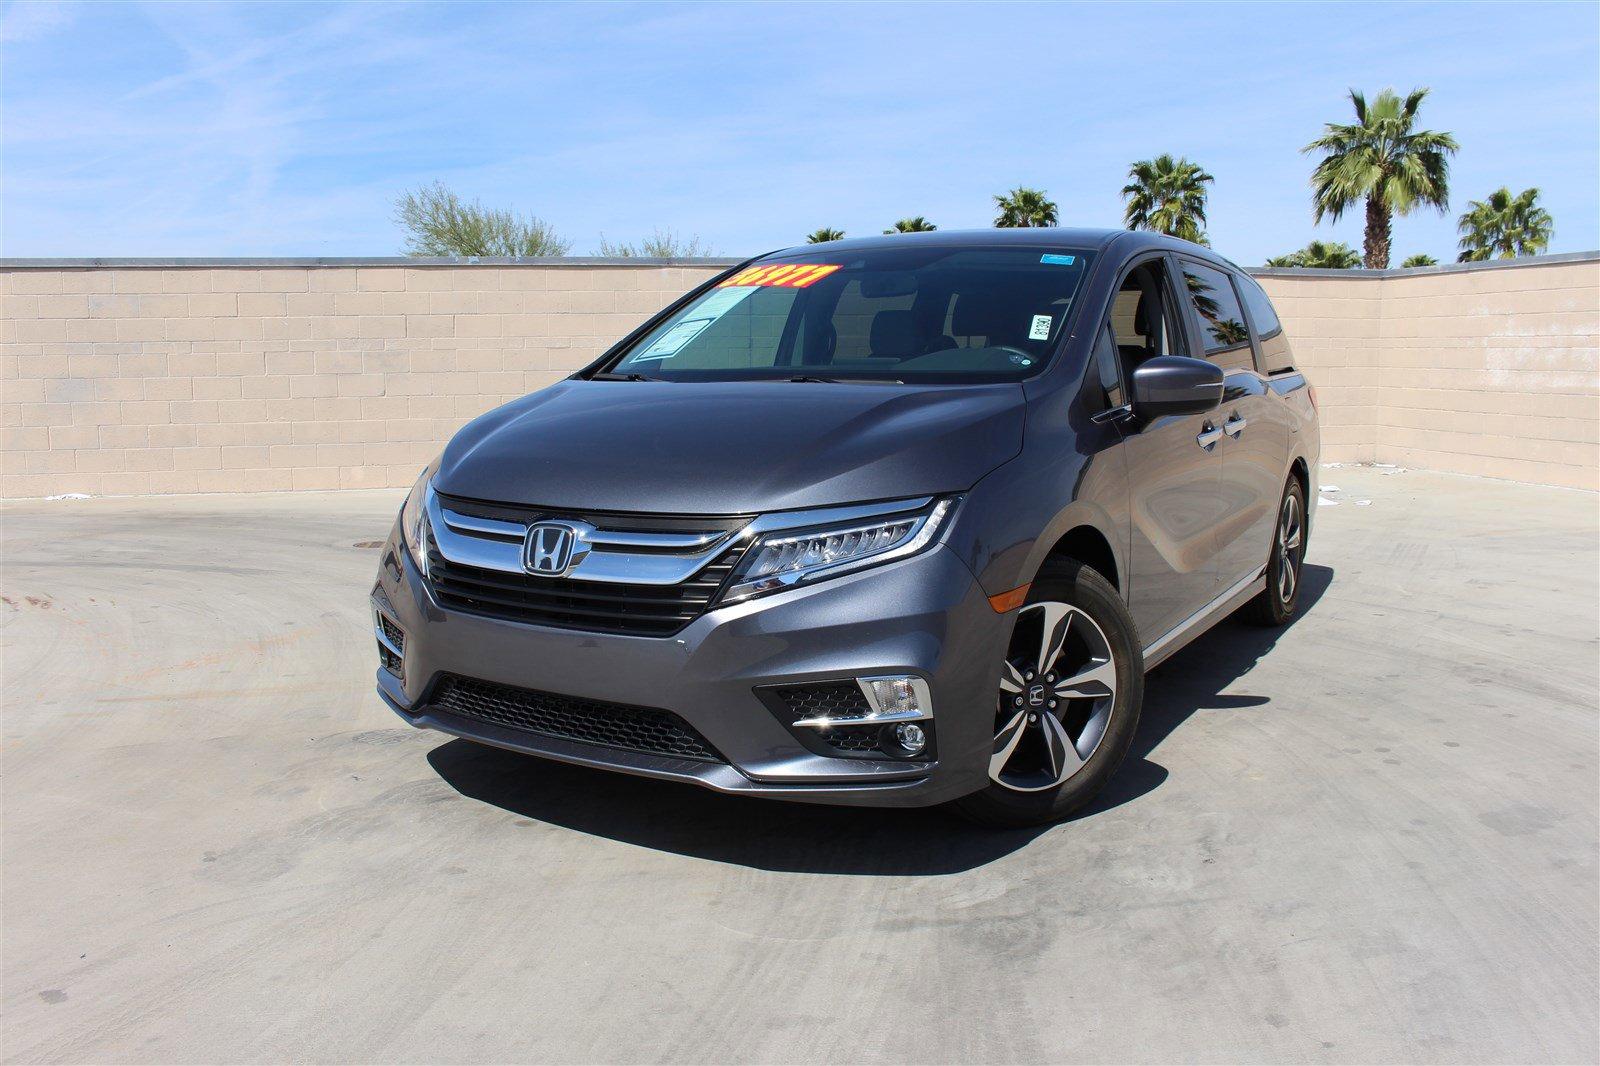 2018 Honda Odyssey Touring image